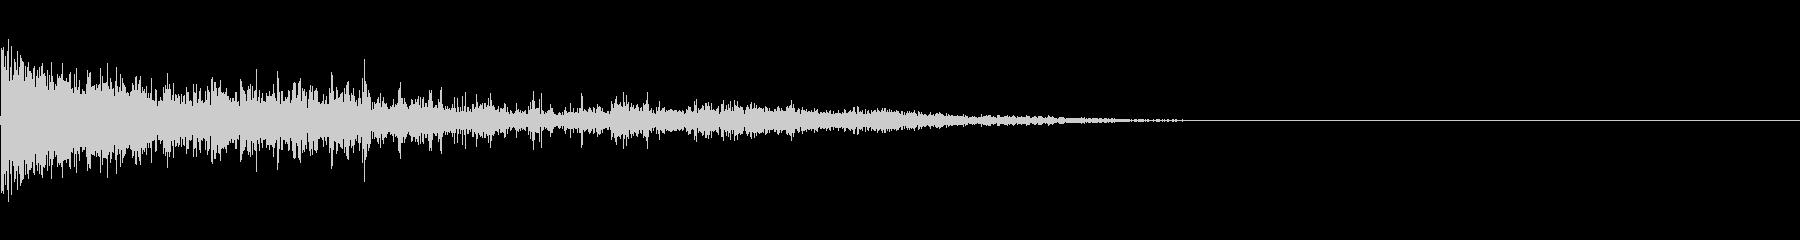 カミナリ(近雷)-12の未再生の波形